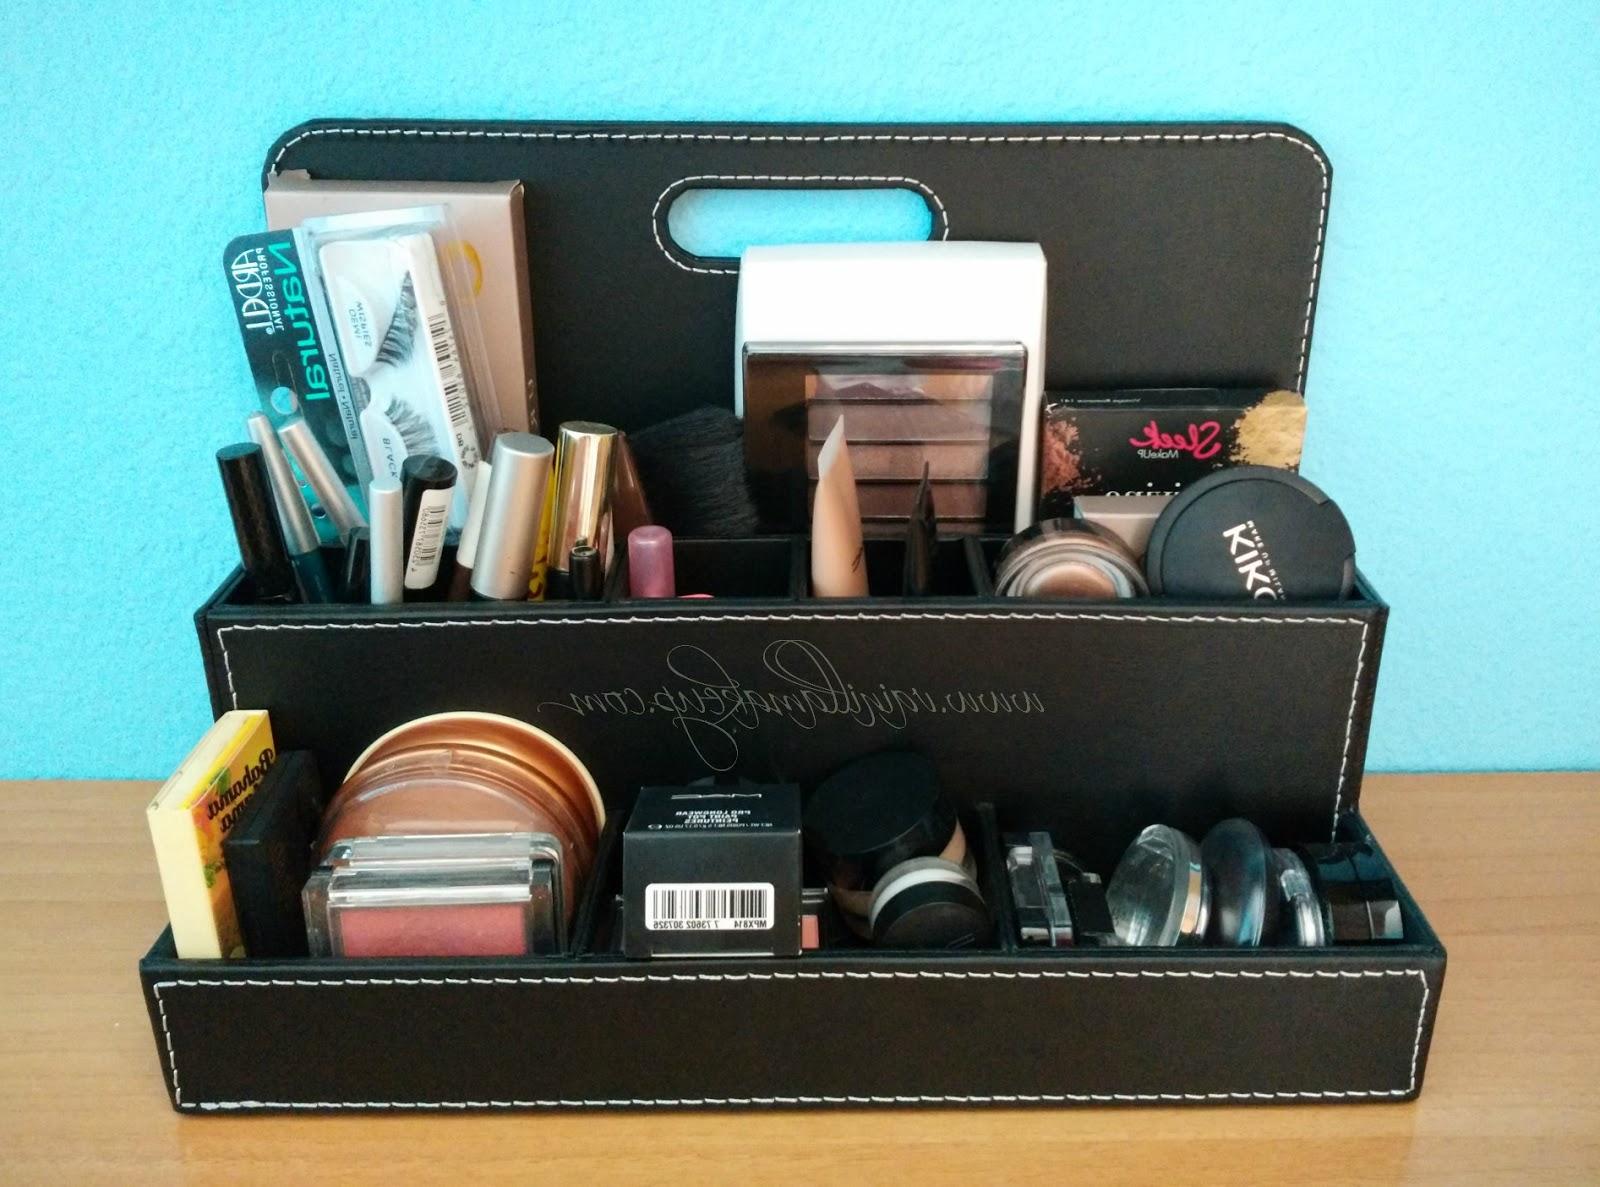 Ikea organizador Escritorio Bqdd Ideas Para organizar El Maquillaje Vainilla Makeup